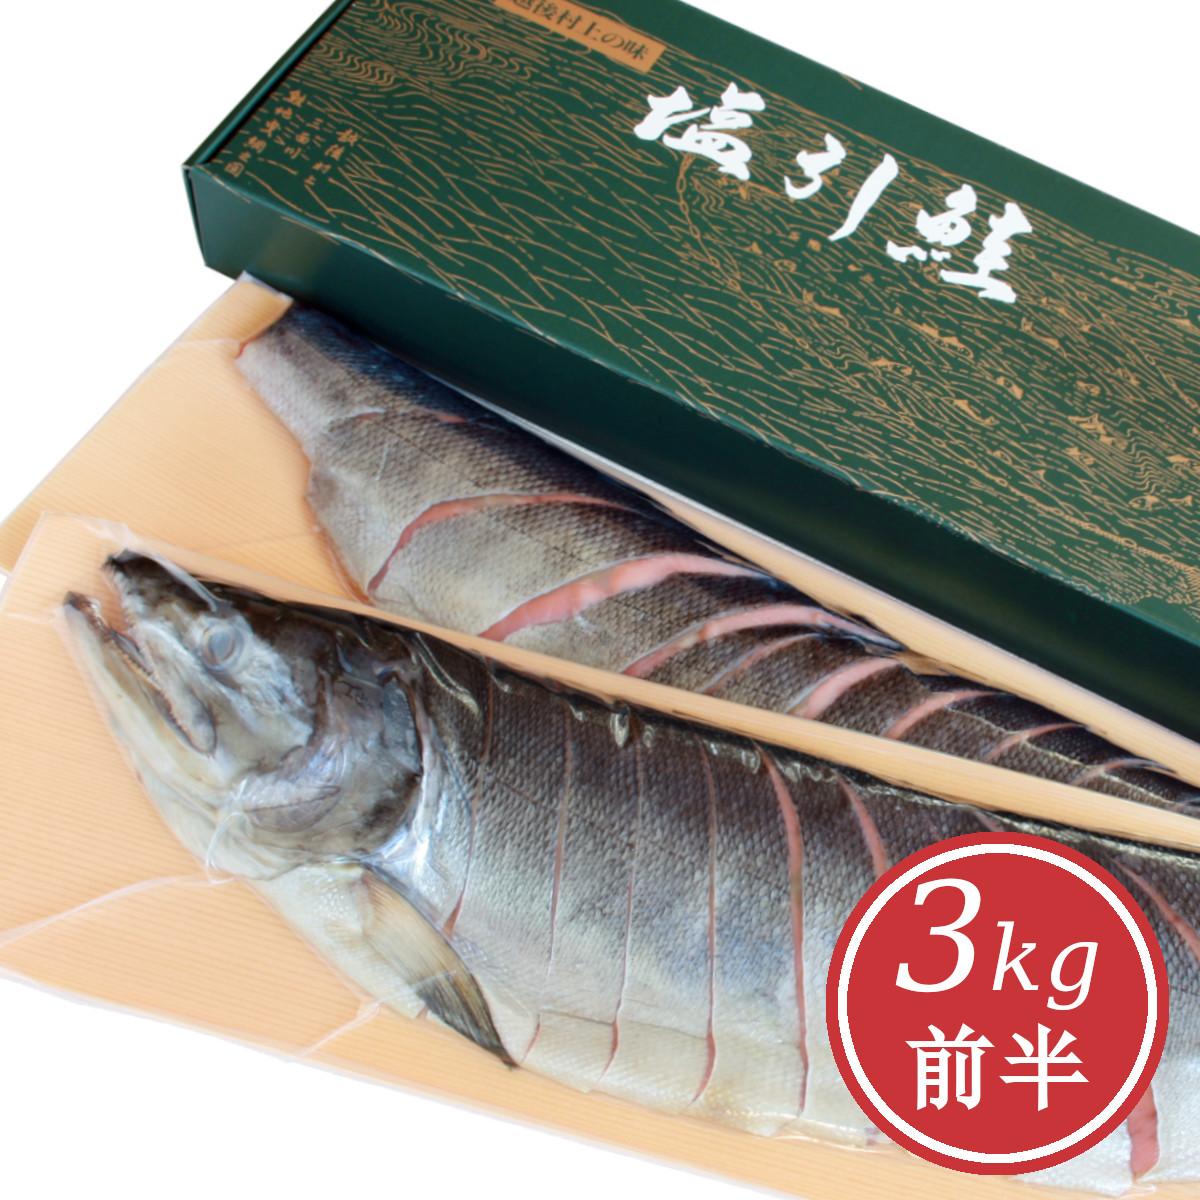 塩引鮭 塩引き鮭 切身姿造り3kg前半